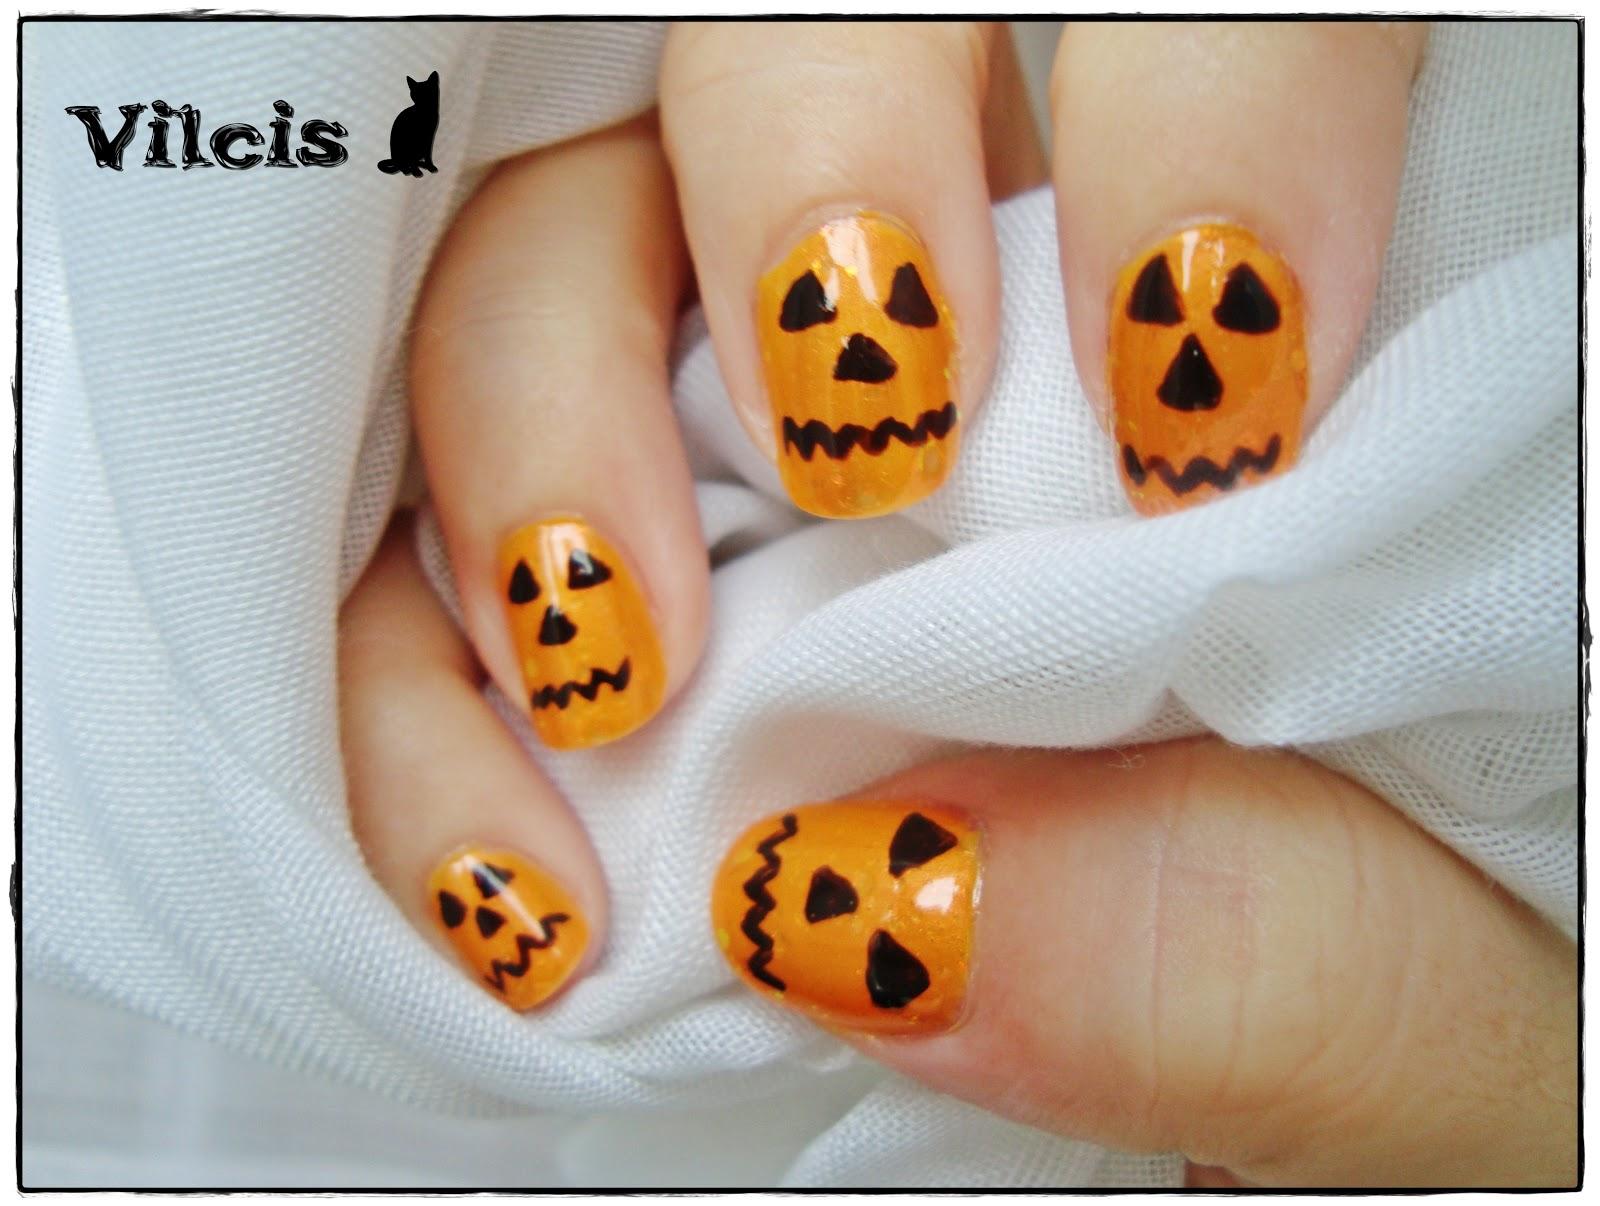 Vilcis nail designs dise o de halloween calabazas - Disenos de calabazas de halloween ...